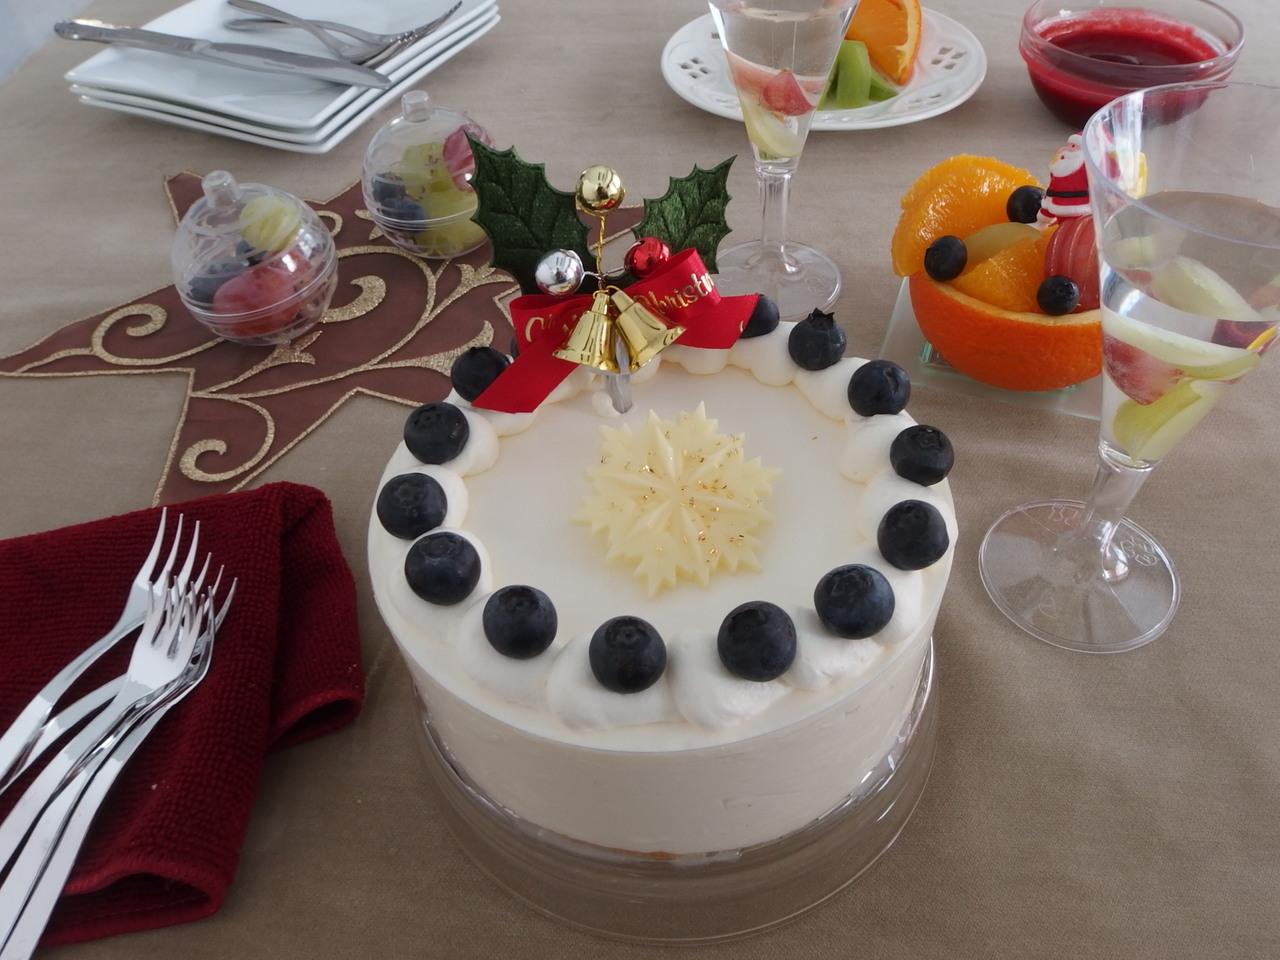 クリスマスにケーキを作ろう!フロマージュ・ノエル